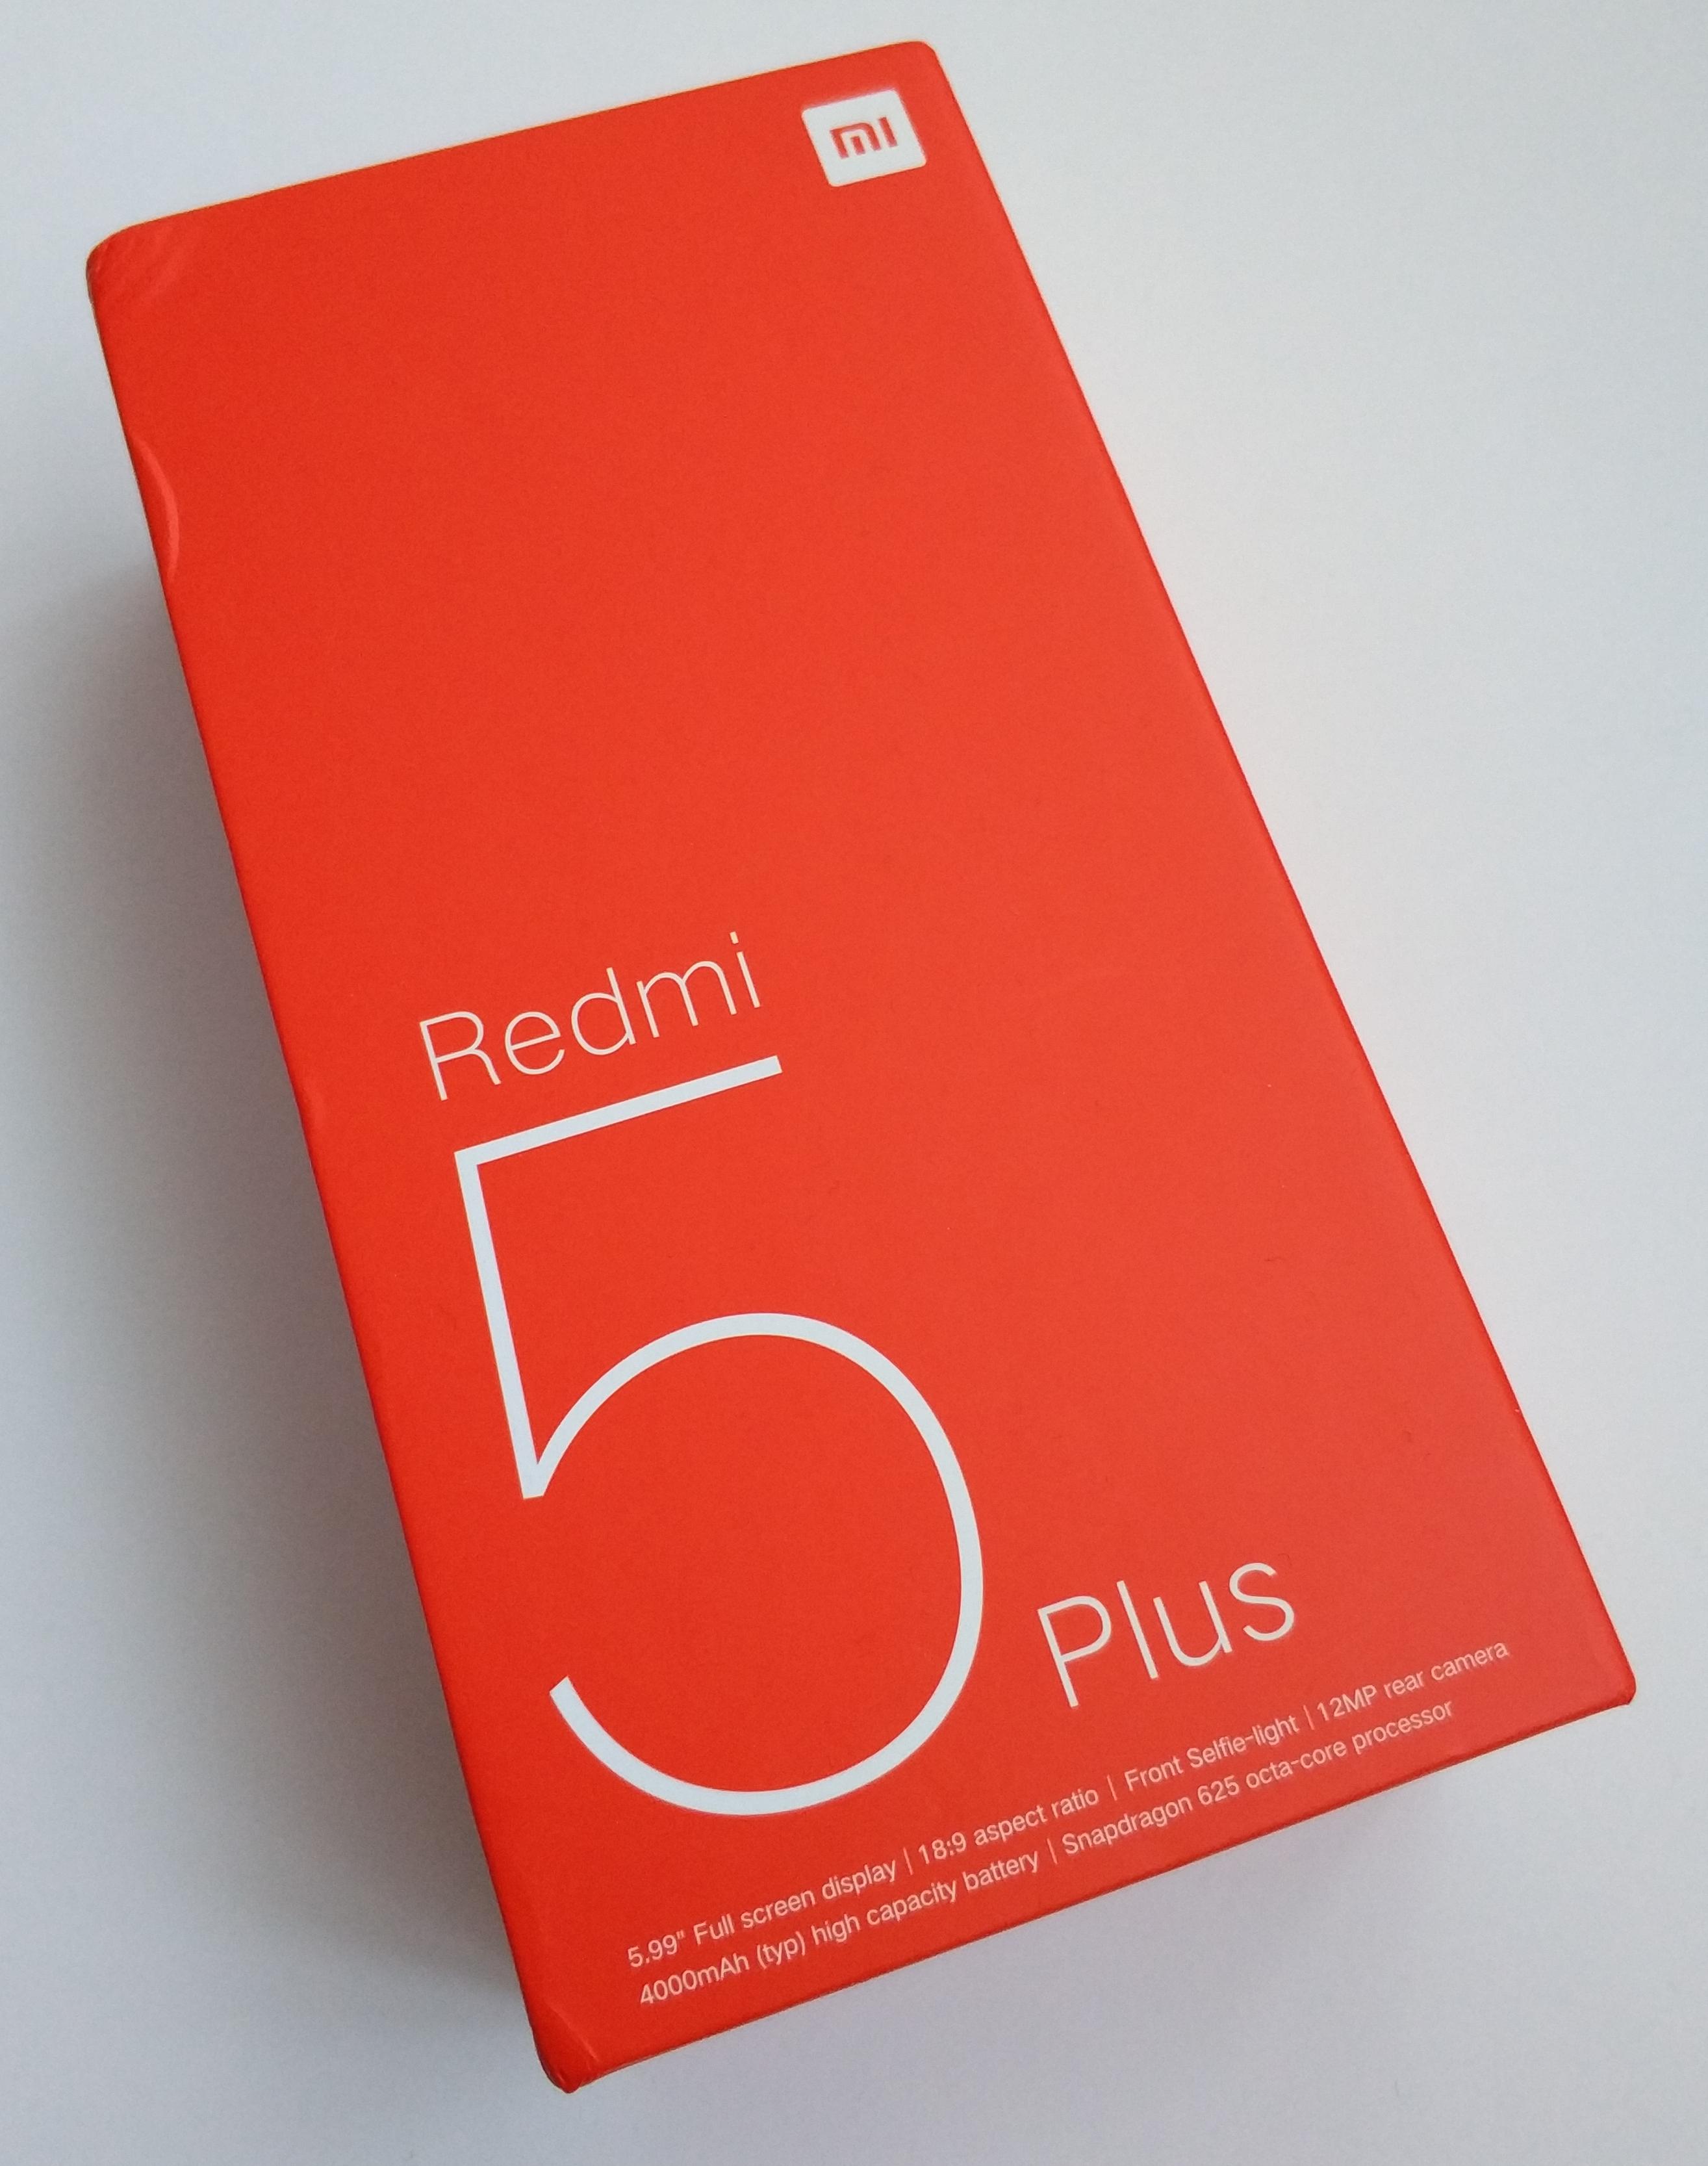 Specyfikacja Redmi 5 Plus to typowa średnia p³Å'ka Otrzymujemy Snapdragona 625 i w zależności od wersji 3 lub 4 GB pamięci operacyjnej RAM